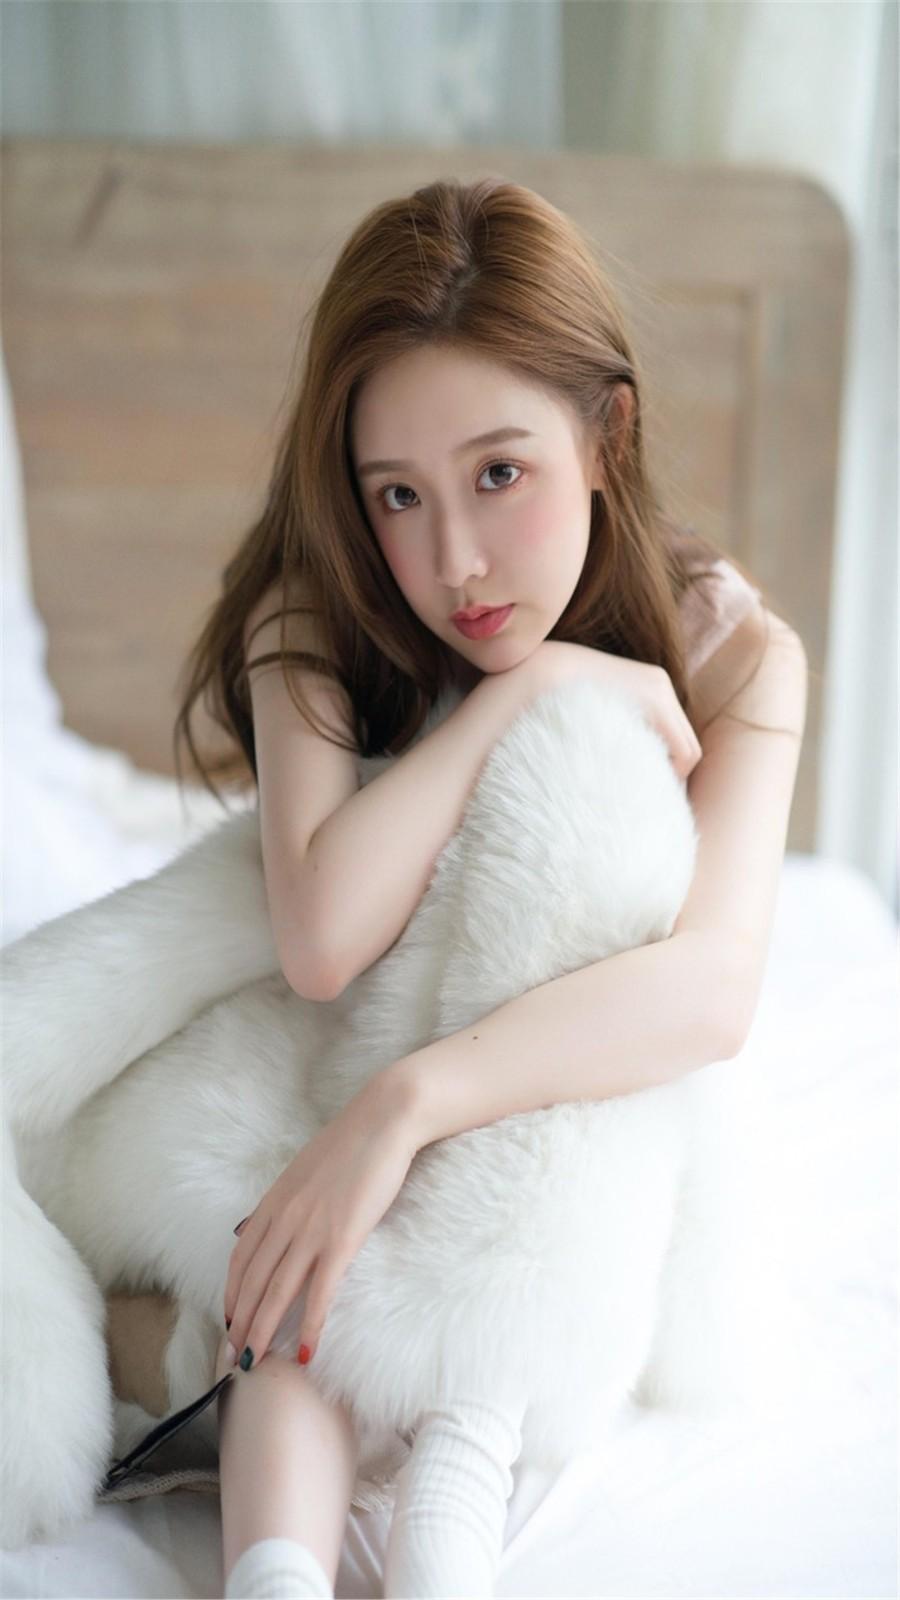 性感美女白皙肌肤高清手机壁纸